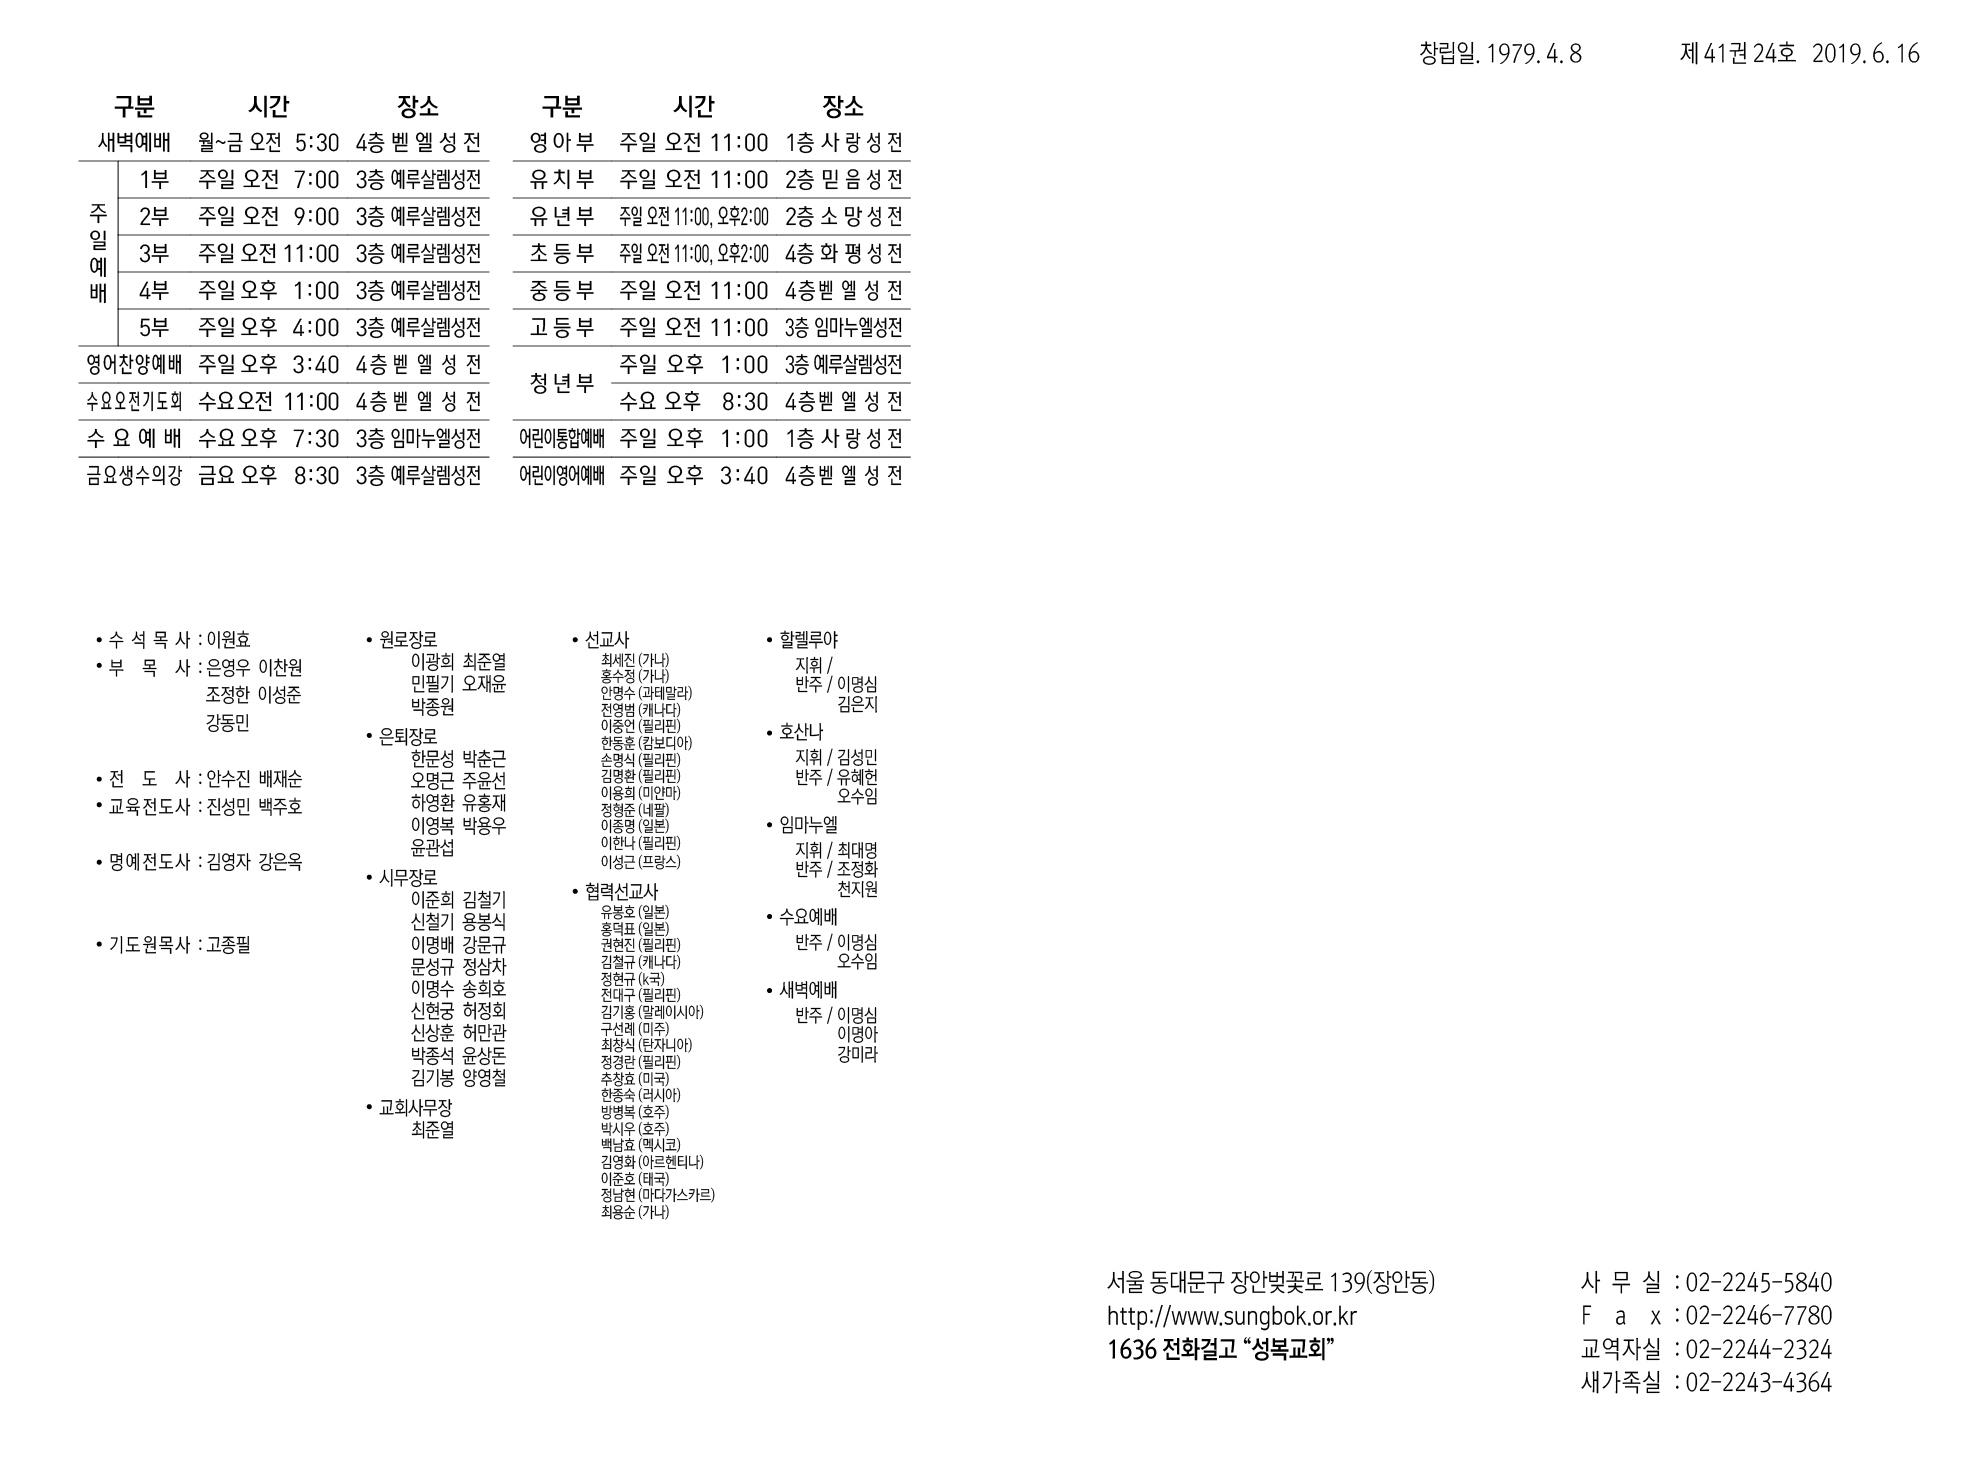 88f6dadf3d6c4ddaa4c11e81c4930503.jpg